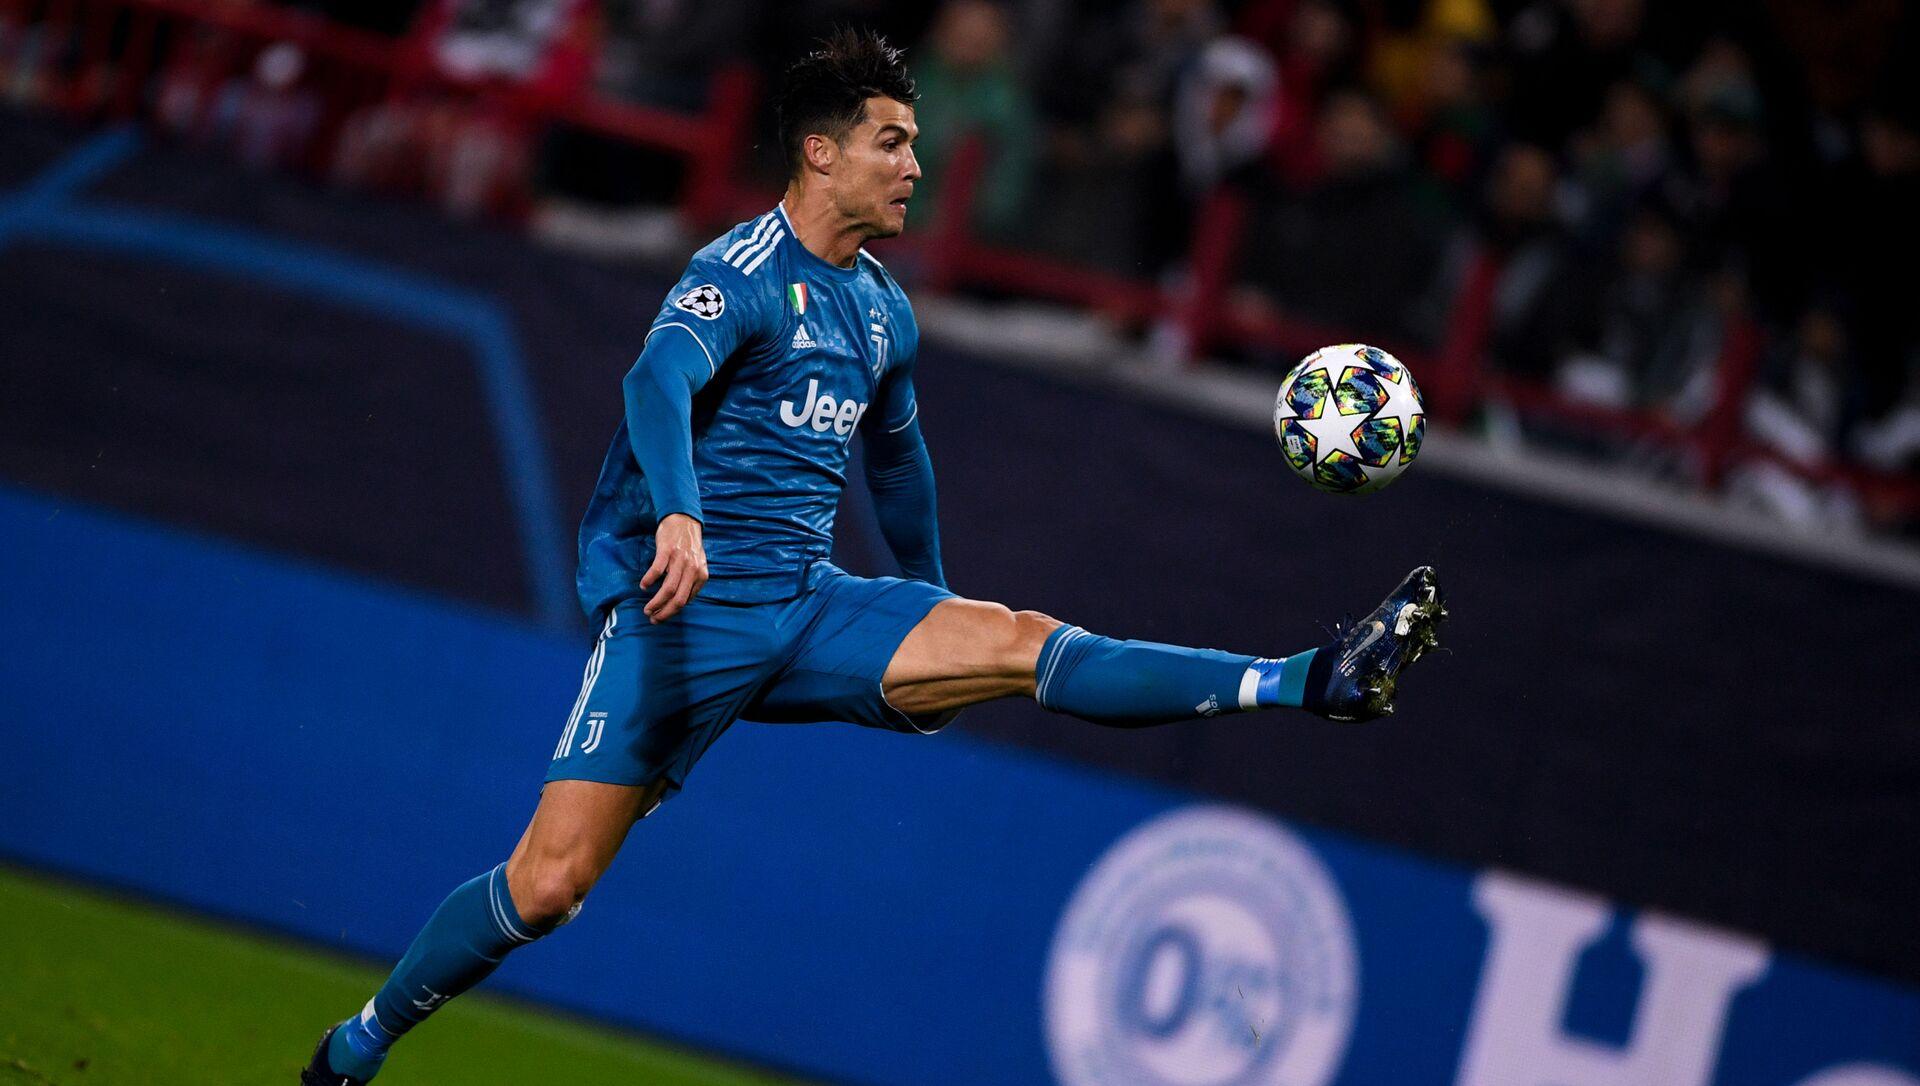 L'attaccante della Juventus Cristiano Ronaldo - Sputnik Italia, 1920, 19.04.2021